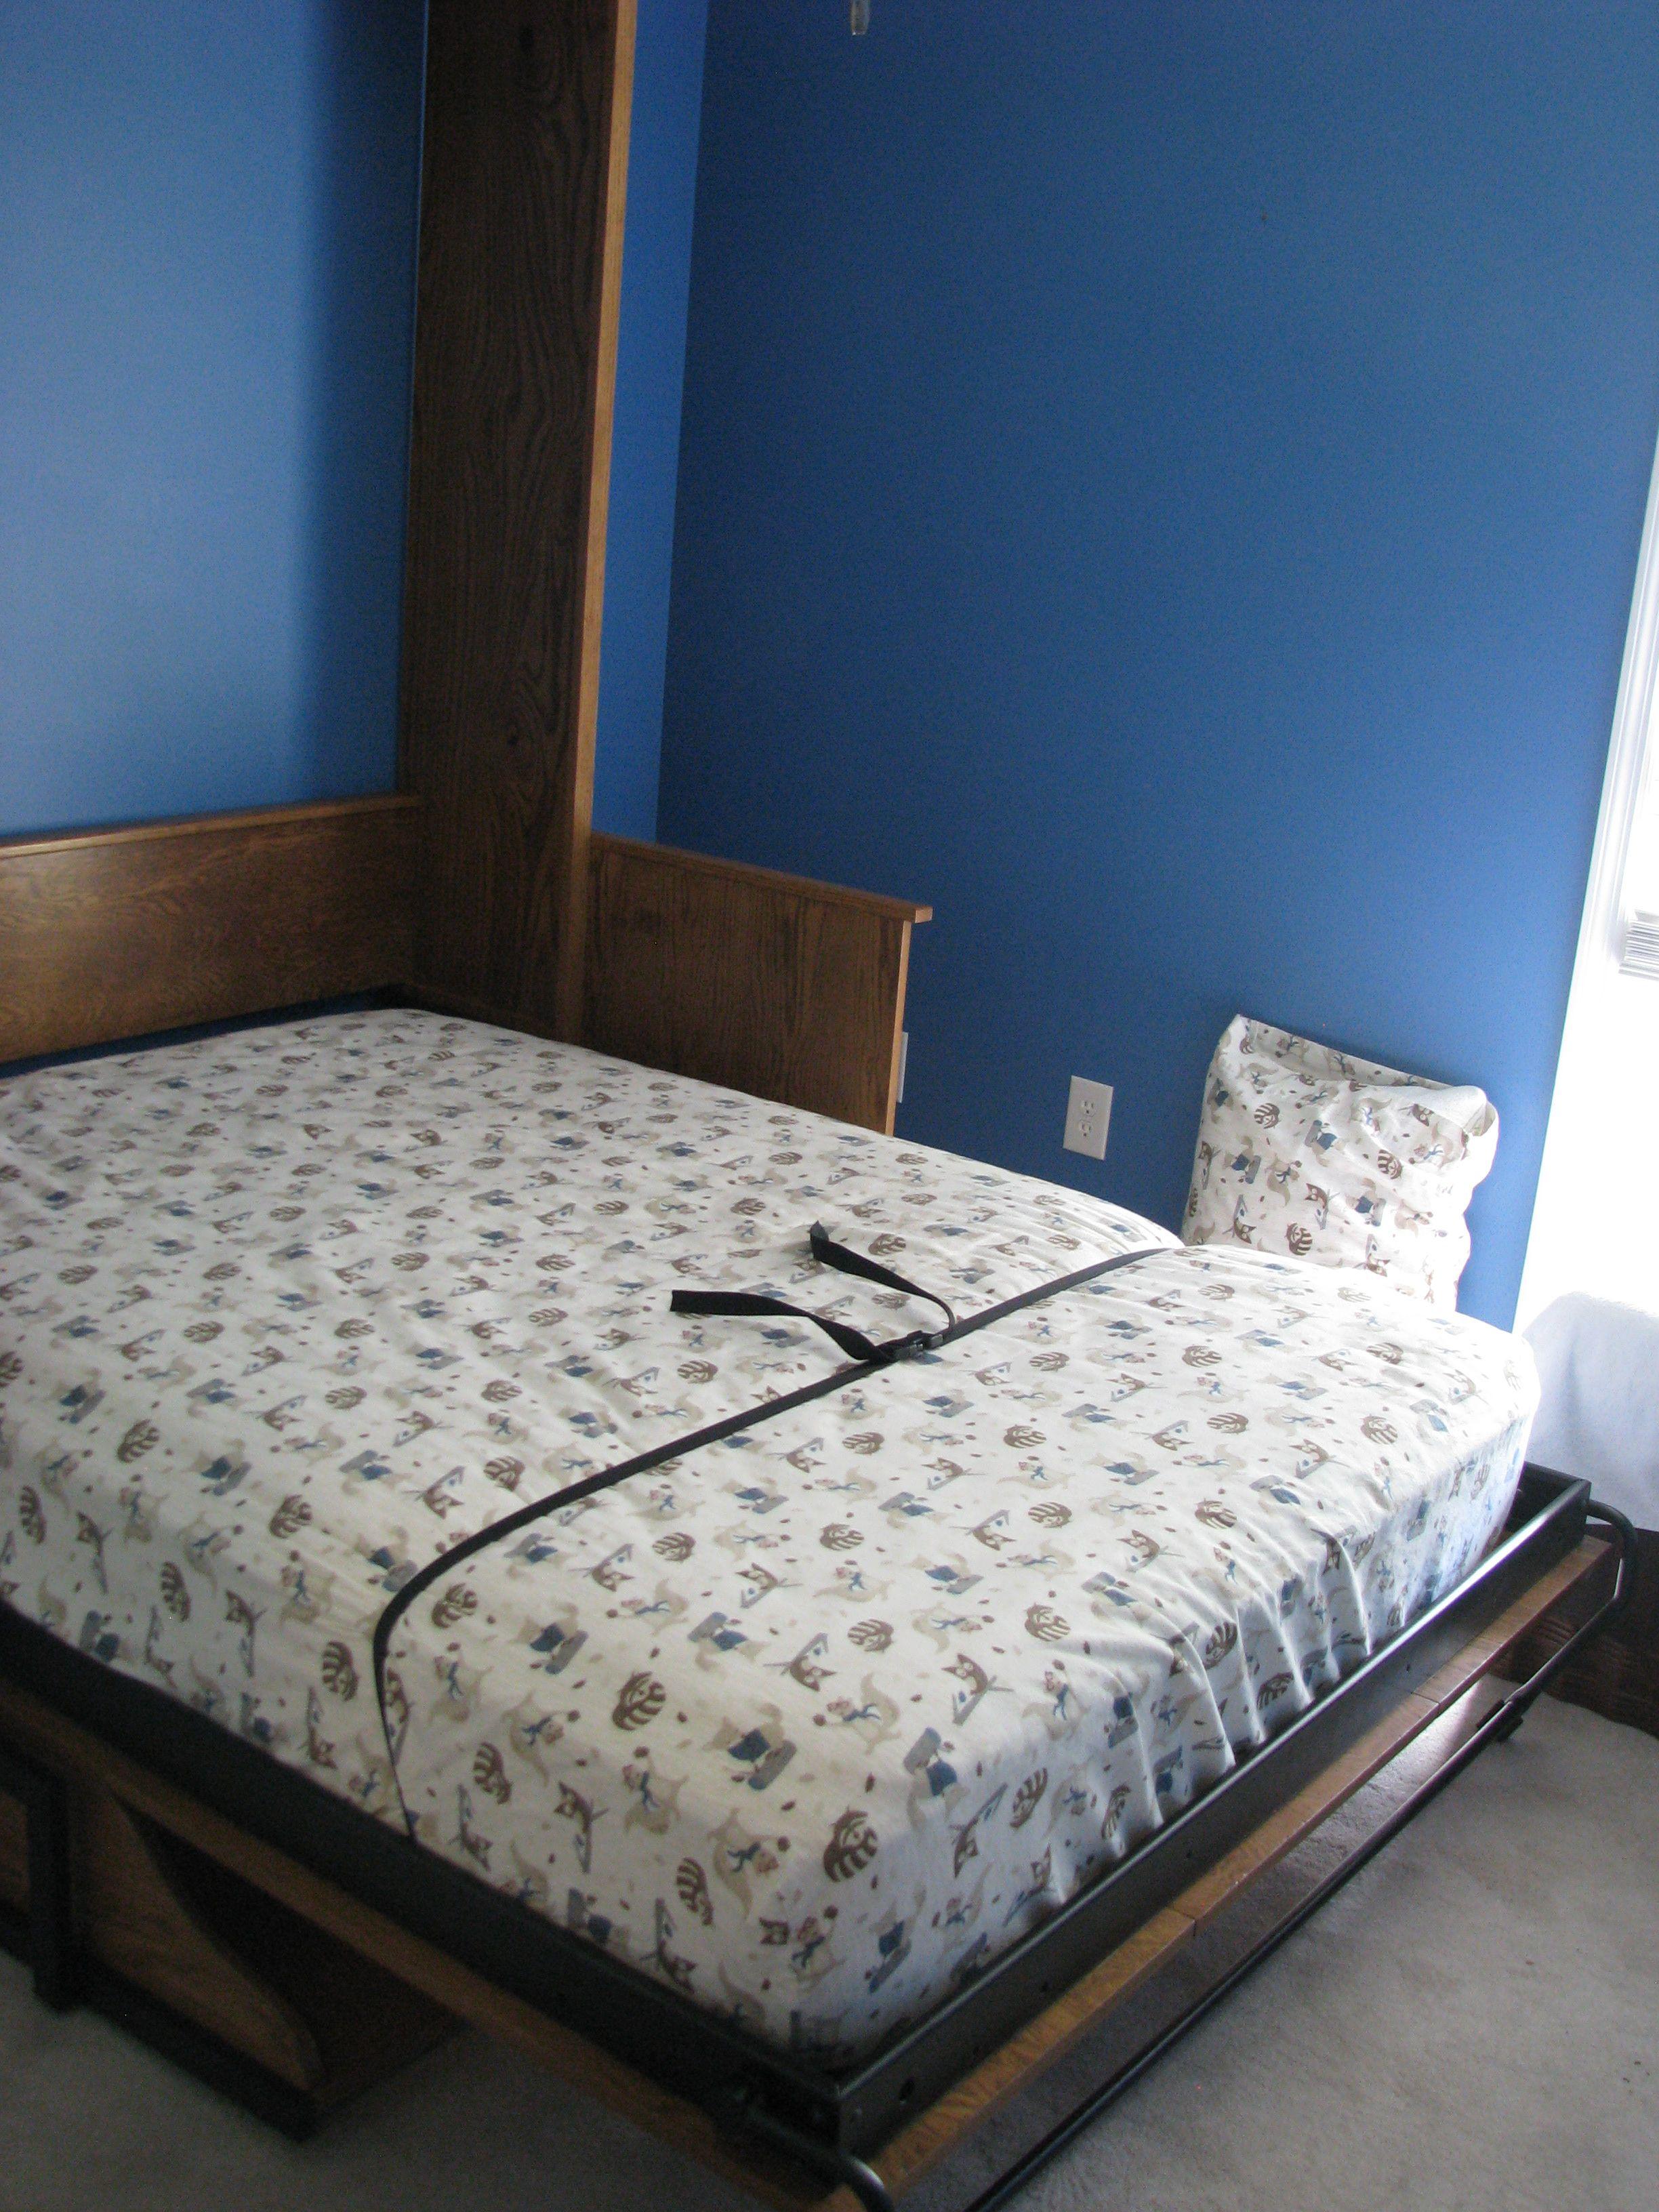 Full size oak Murphy desk bed ready to sleep in. Notice